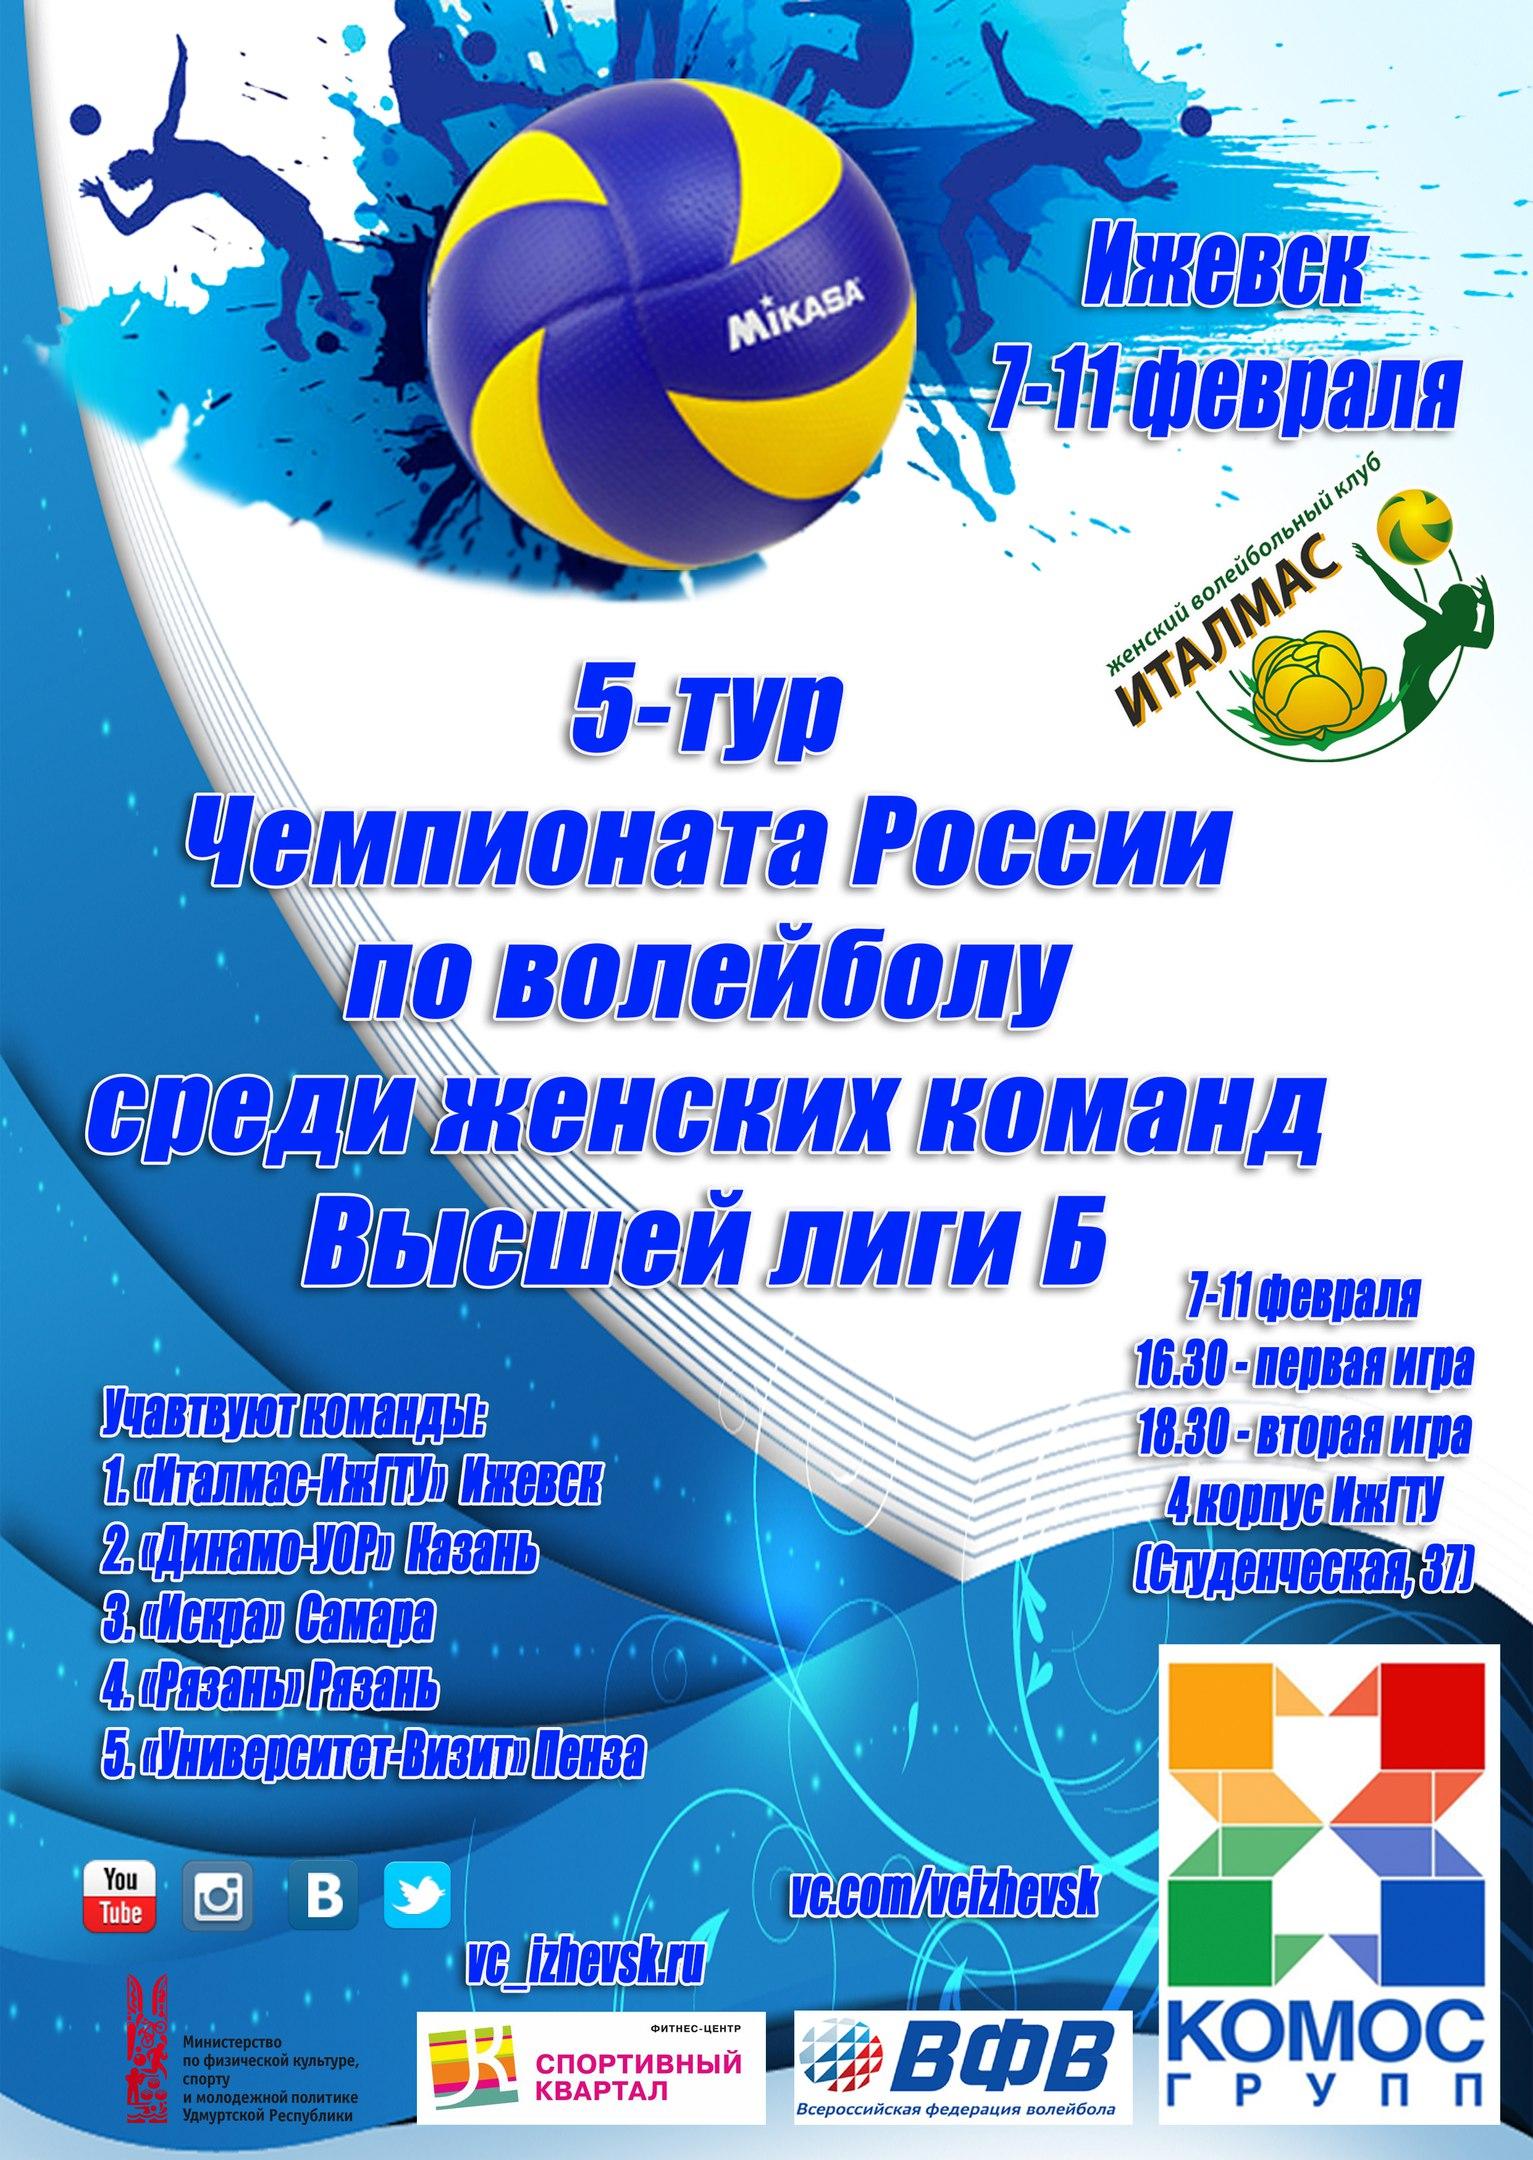 Расписание 5-го тура 7-11 февраля г. Ижевск